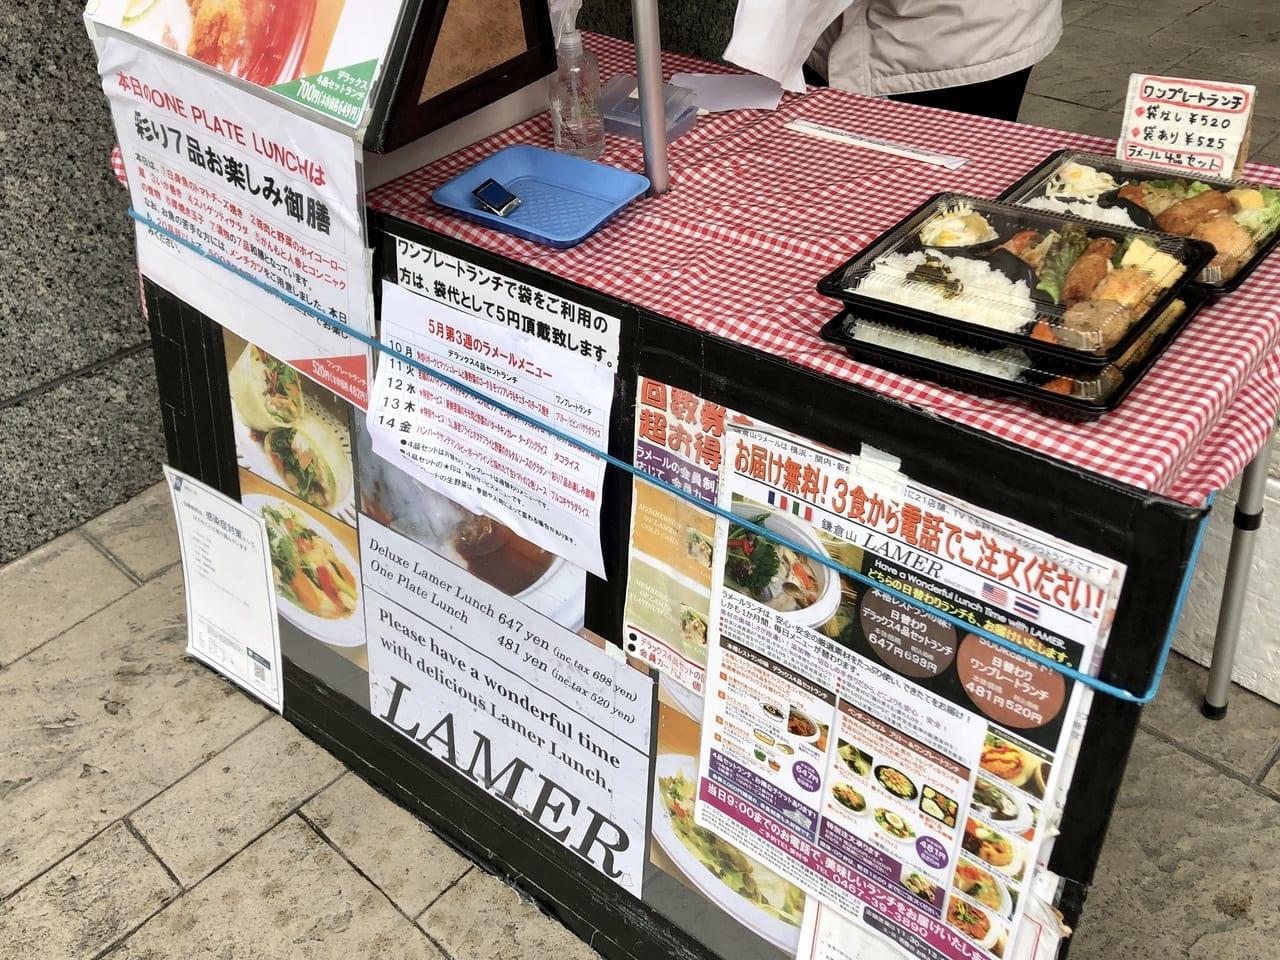 鎌倉山ラメール